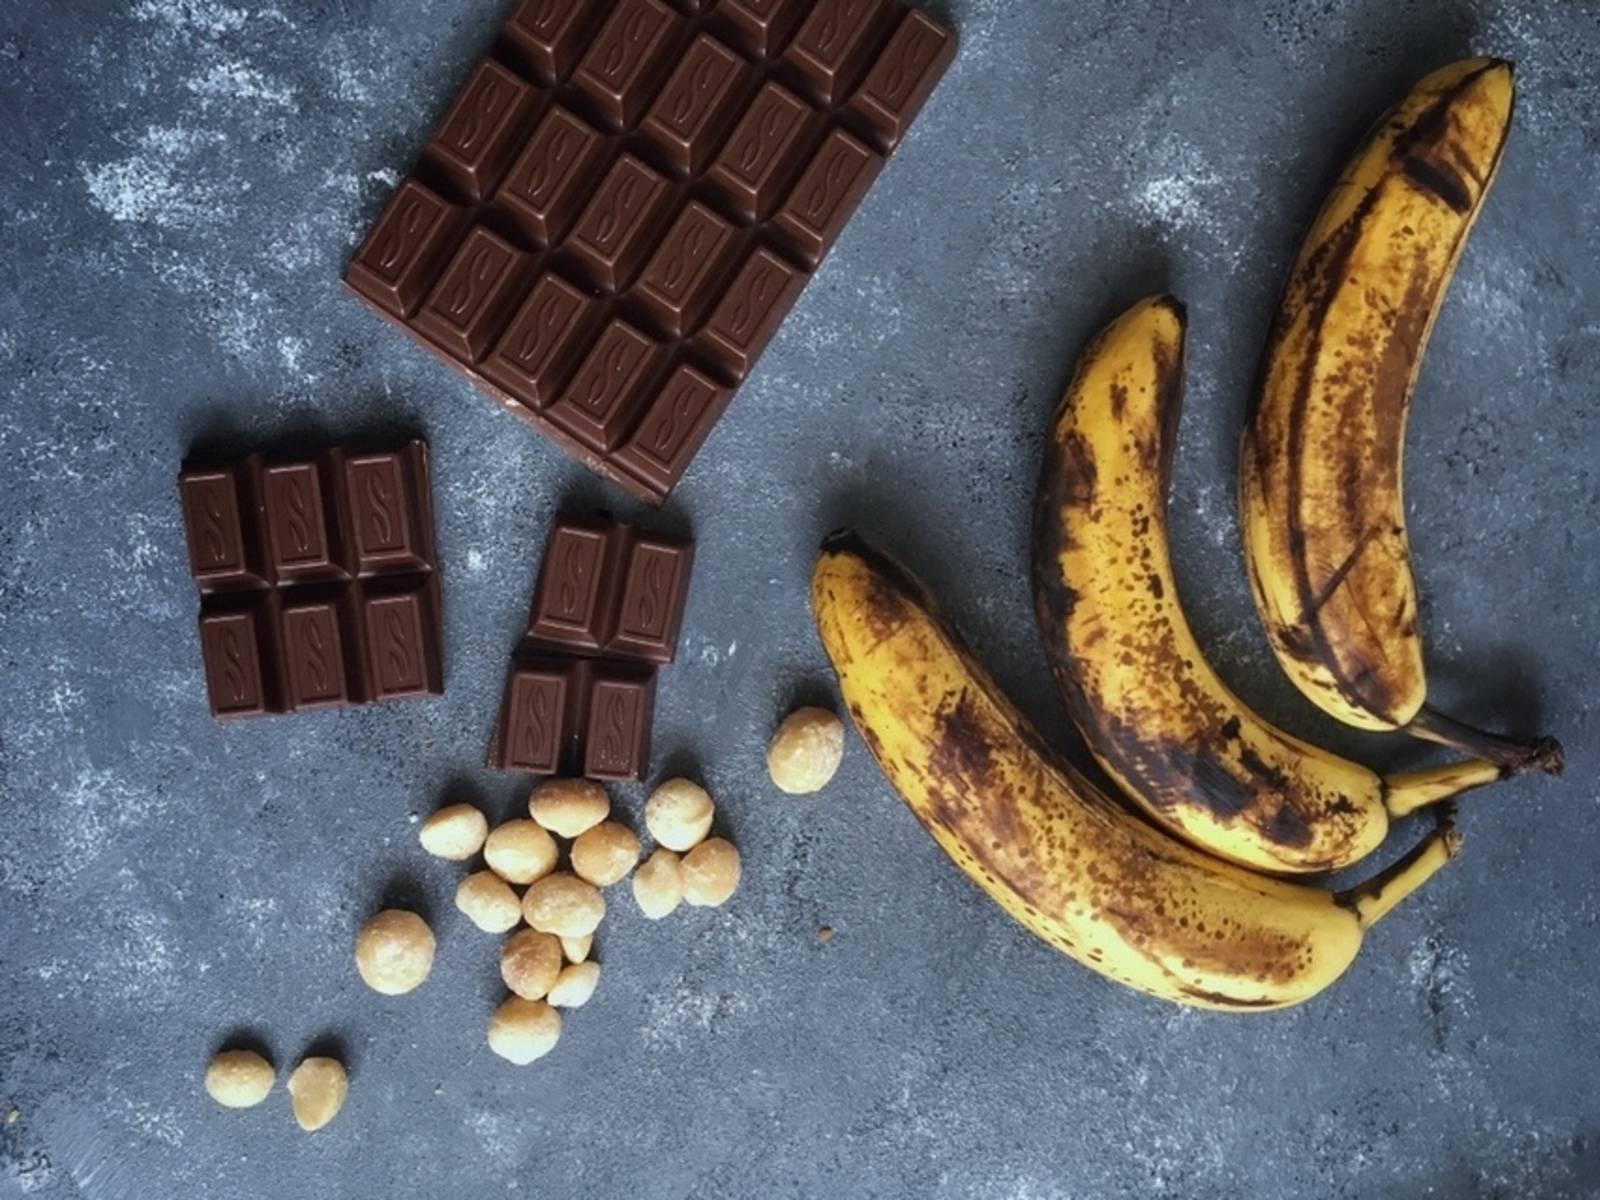 Backofen auf 175°C vorheizen. Zunächst in einer Schüssel die meisten Bananen mit der Gabel zermatschen. Dann mit dem Schneebesen Vanille, Zucker und Salz unterrühren. Das Kokosöl und die Hälfte der Schokolade schmelzen und unterrühren.